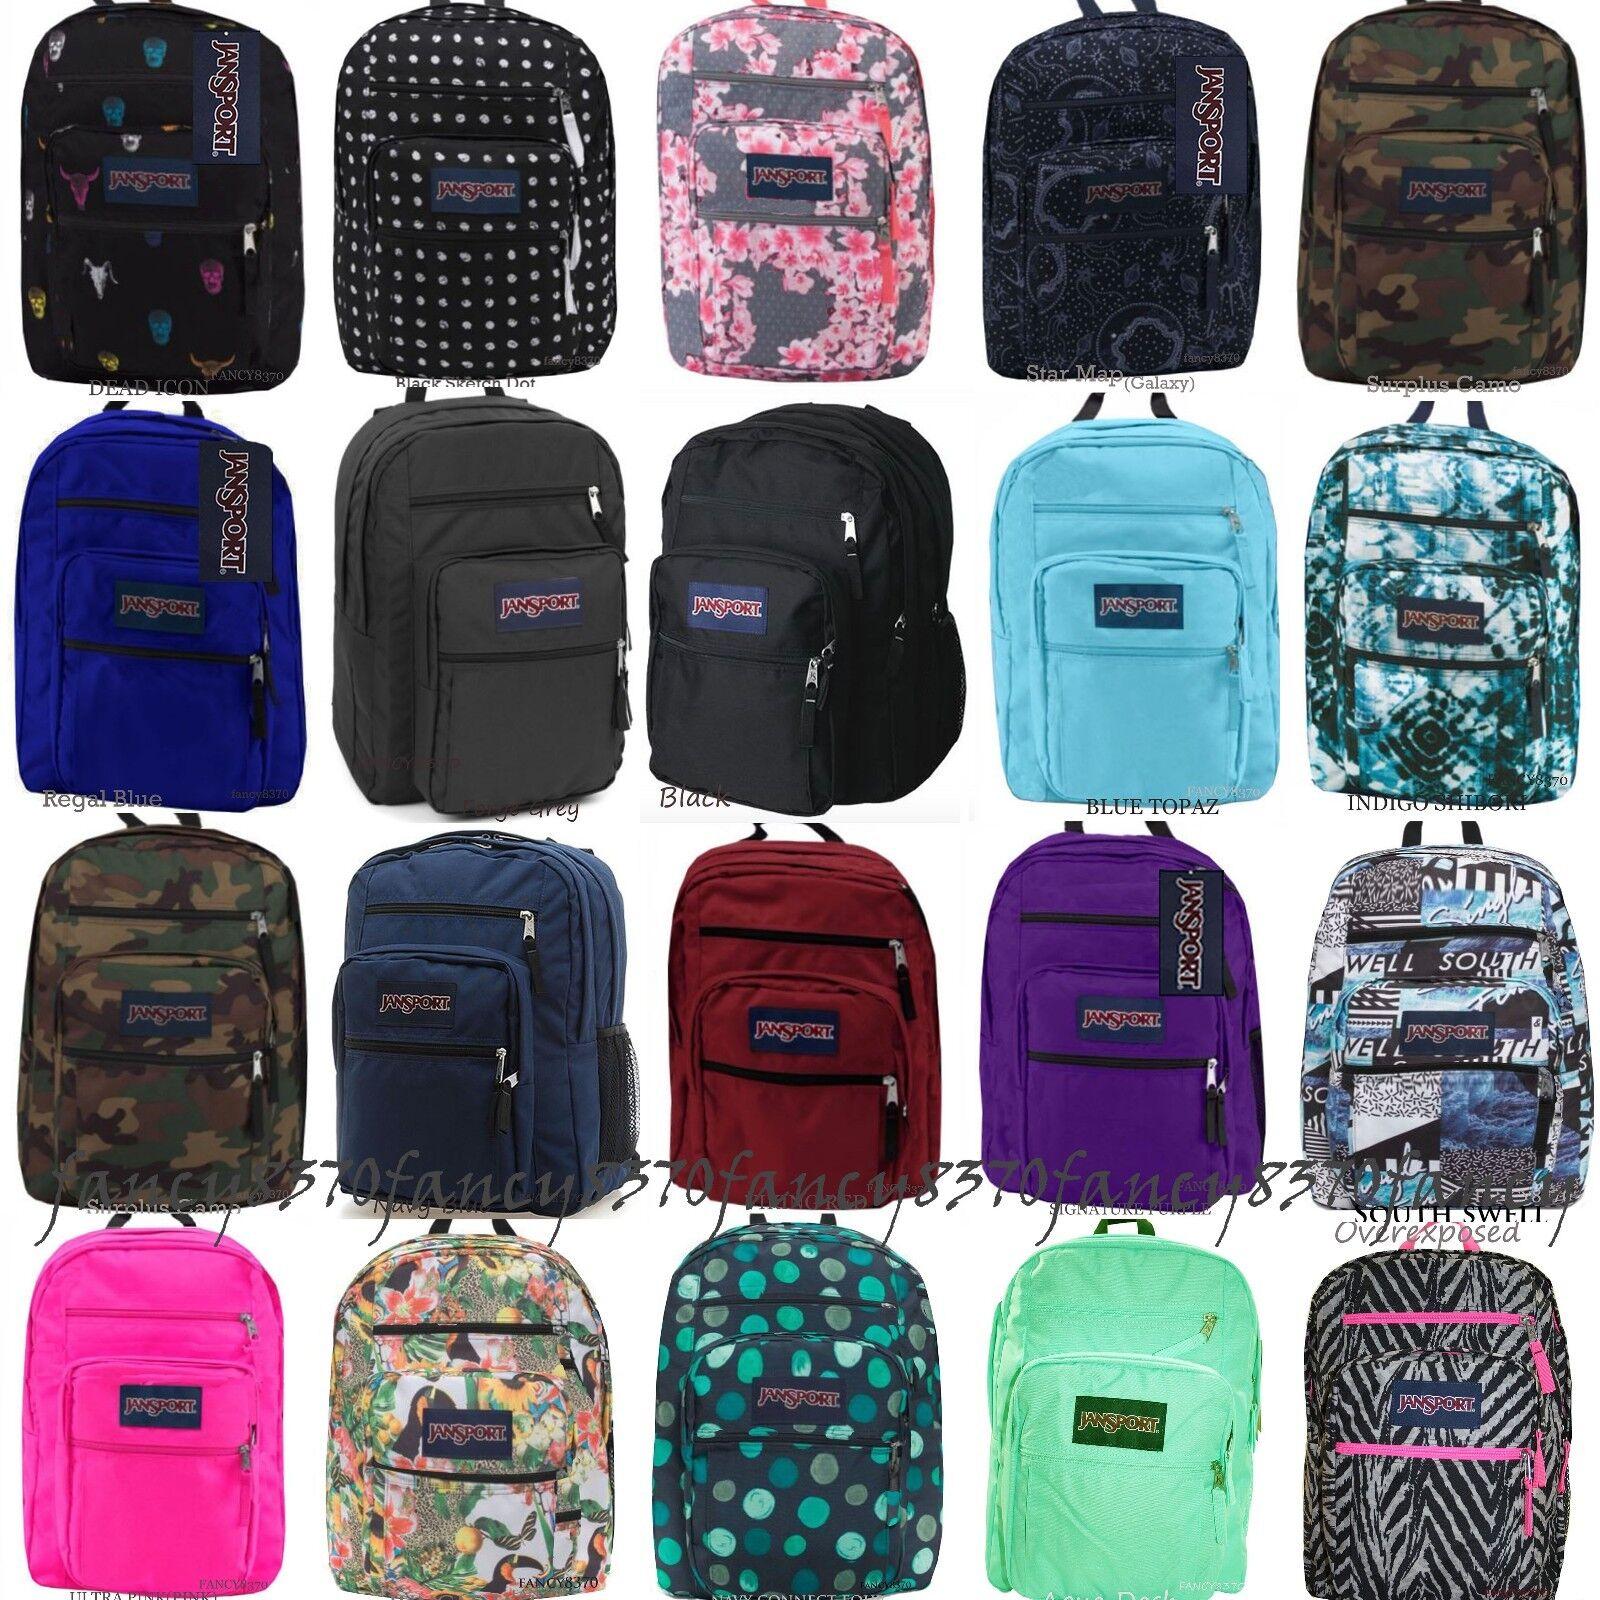 9251cc03cfa8 JanSport Unisex Big Student Oversized Backpack Black Sketch Dot